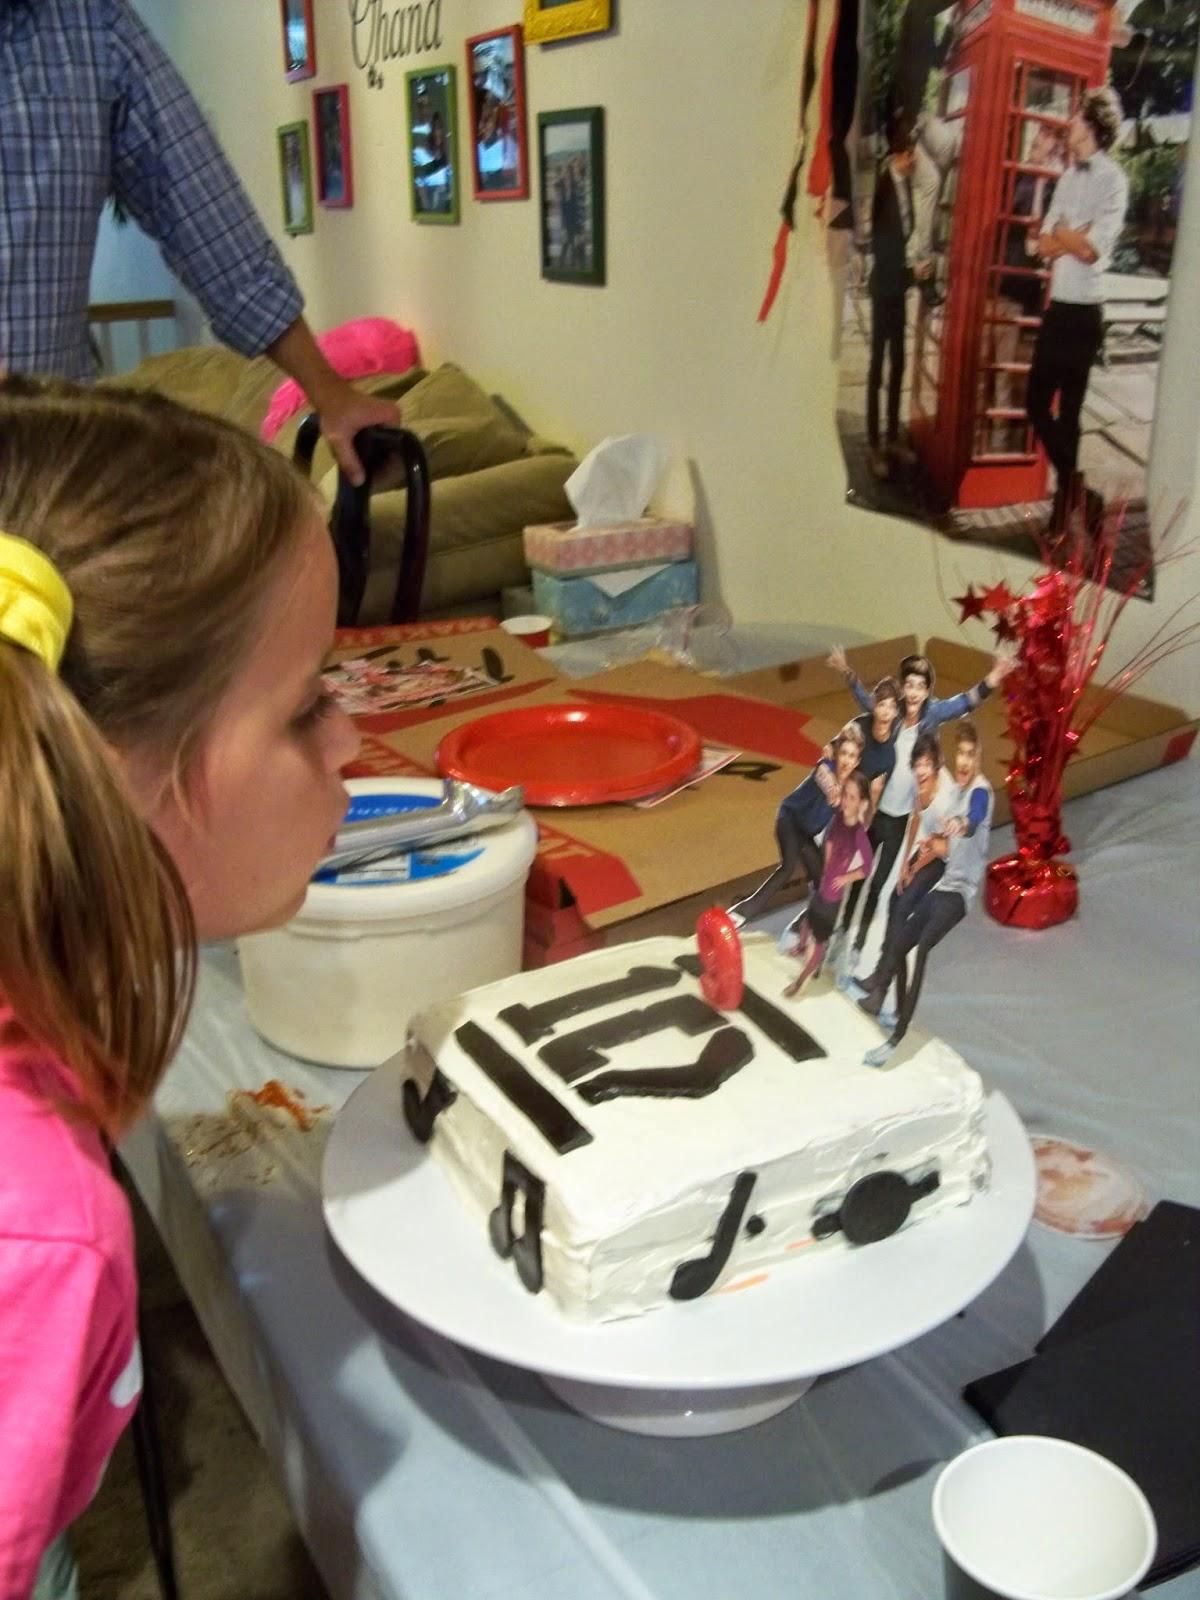 Melinda Makes Cake One Direction Birthday Cake